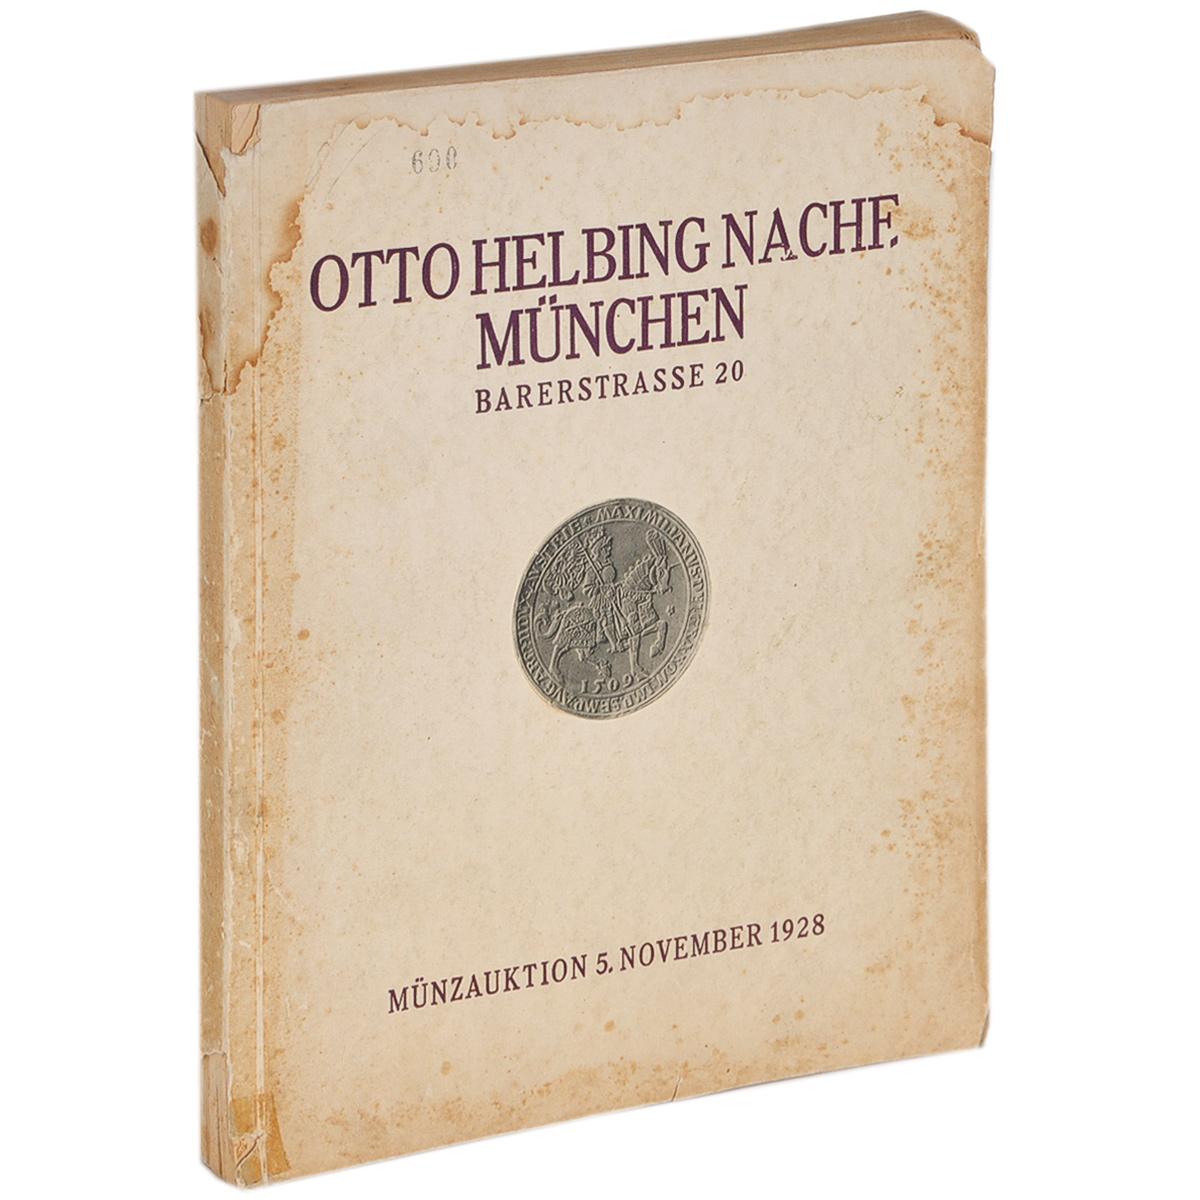 Фото Bedeutende Sammlung von Munzen und Medaillen: Katalog